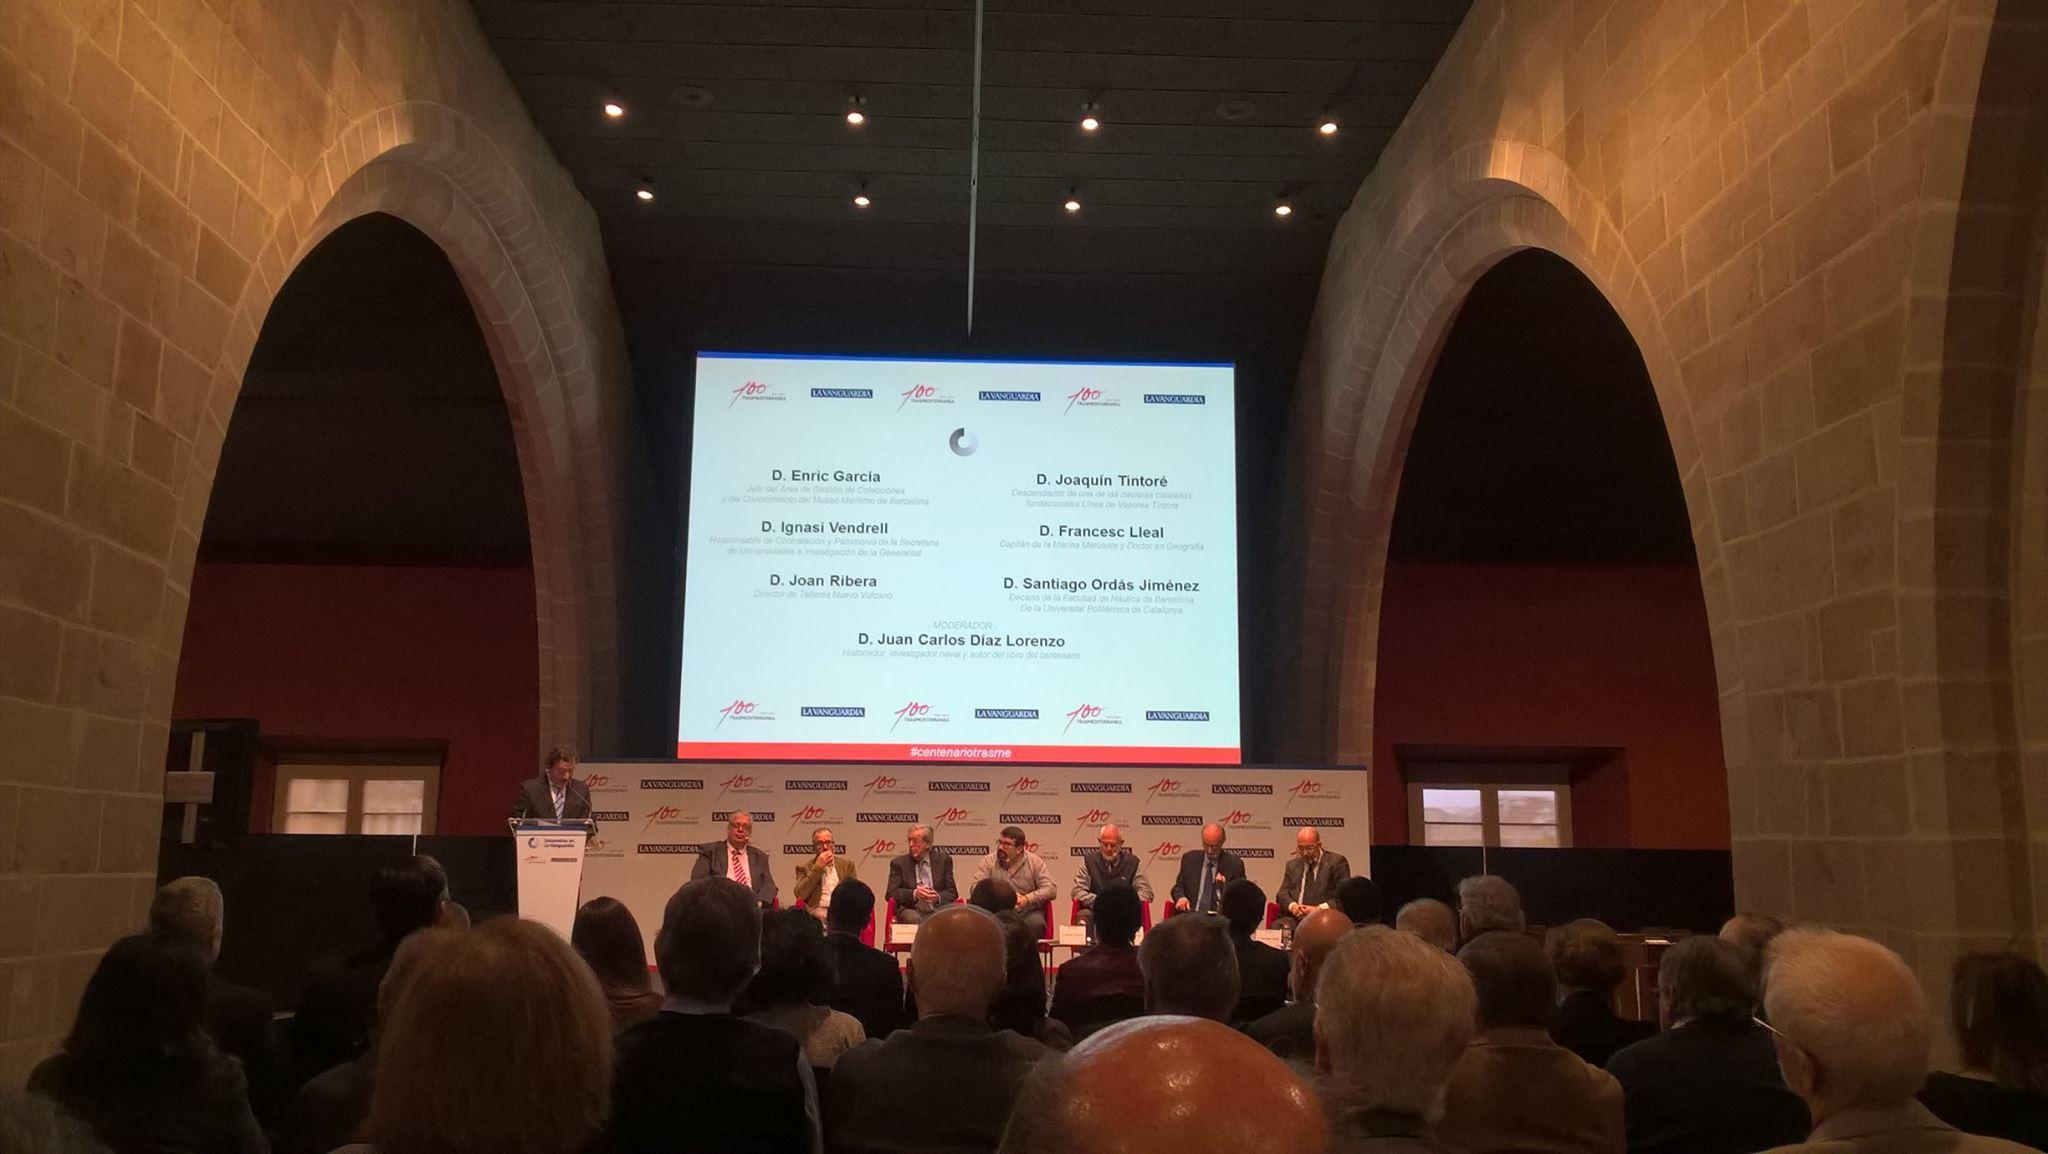 El encuentro se celebró en la sede de la Casa Llotja de Mar, en Barcelona